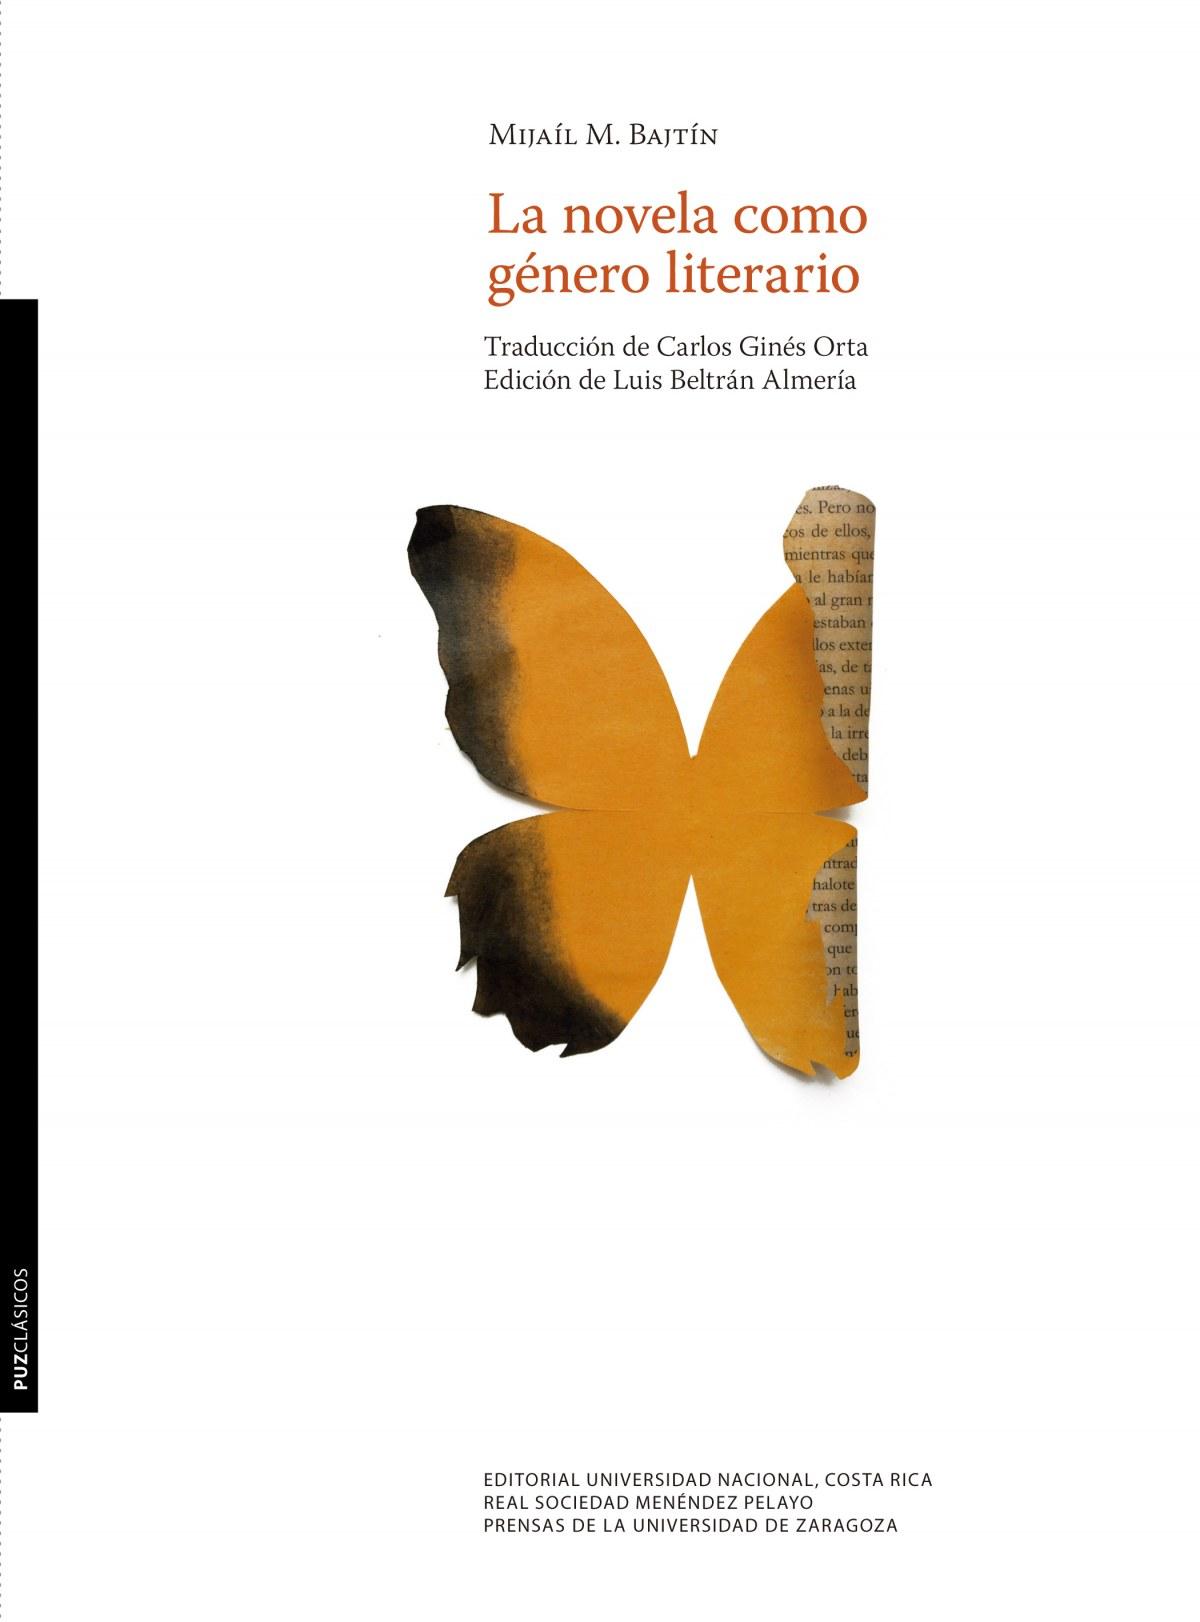 La novela como género literario